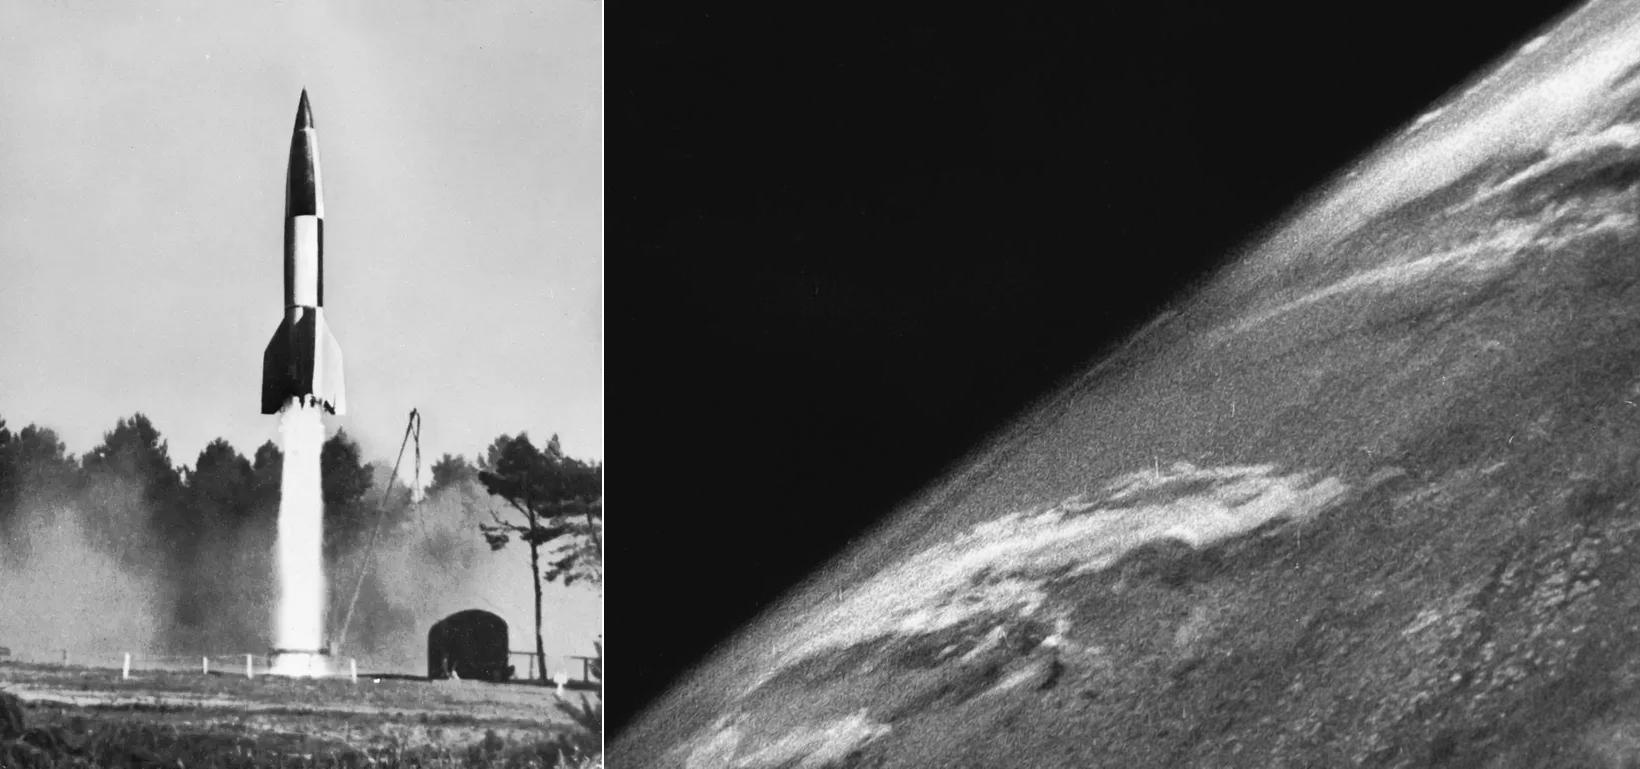 چپ: پرتاب موشک V-2 | راست: اوّلین تصویری که بشر از زمین گرفته که توسّط دوربینی روی بدنهی همین موشک، ضبط و مخابره شد.